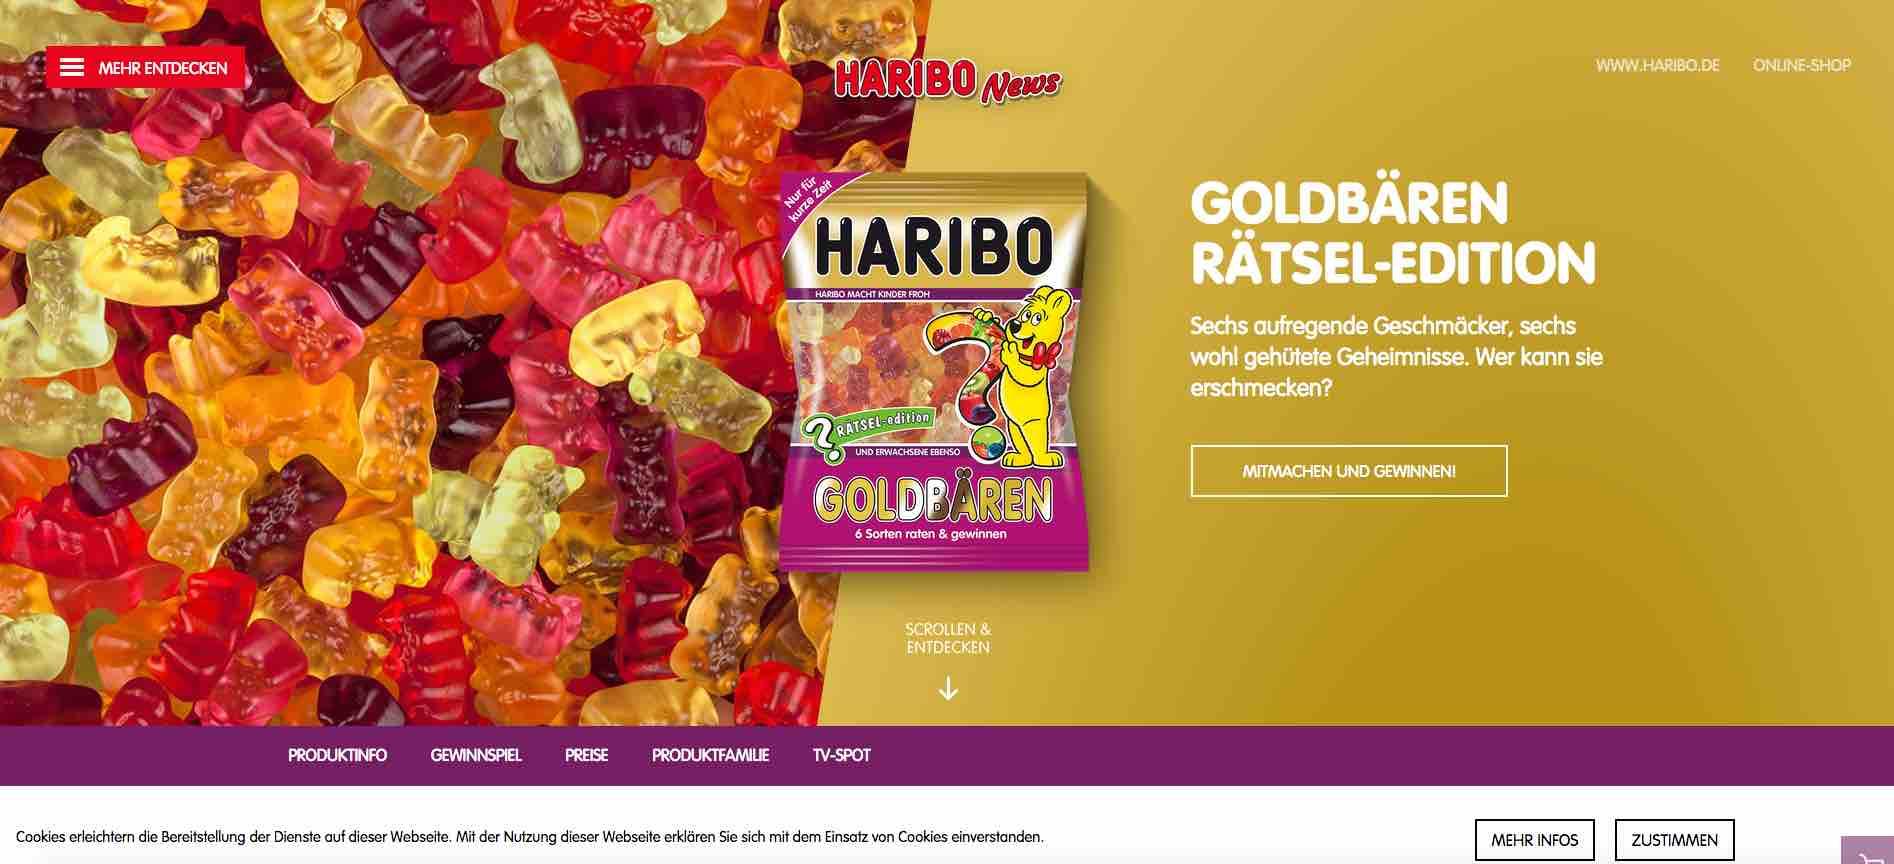 Haribo Gewinnspiele